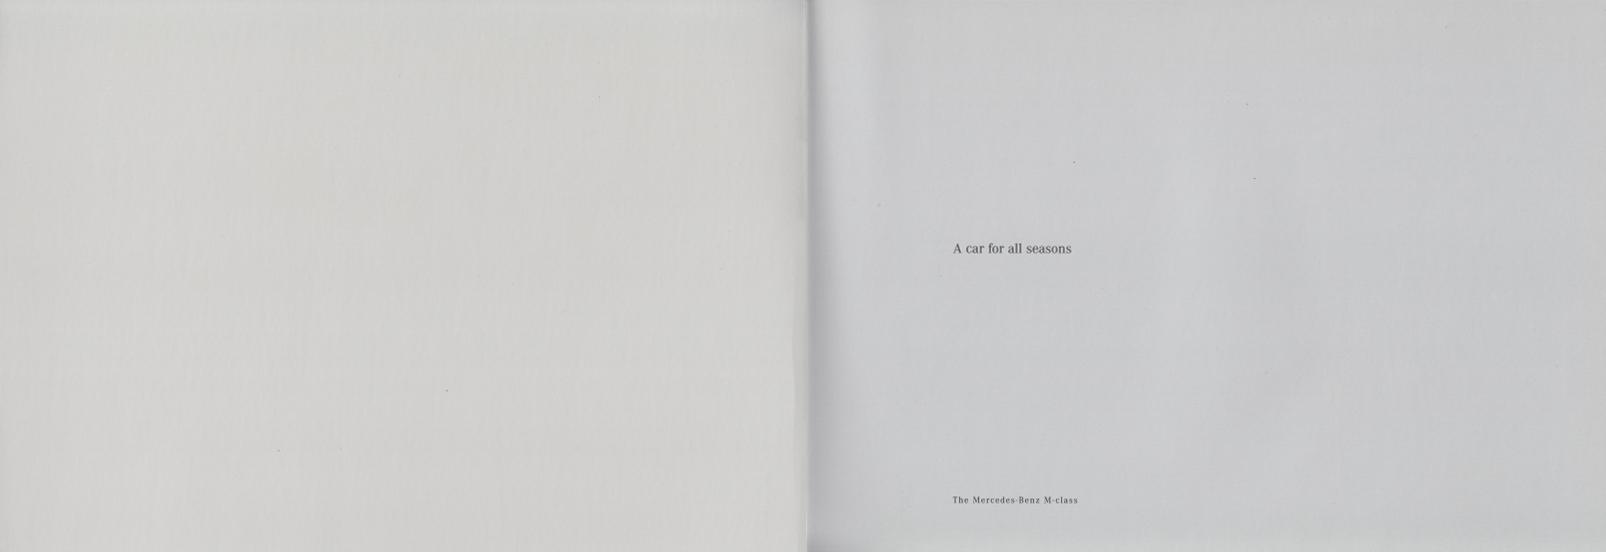 (W163): Catálogo 2001 (1) - inglês 002